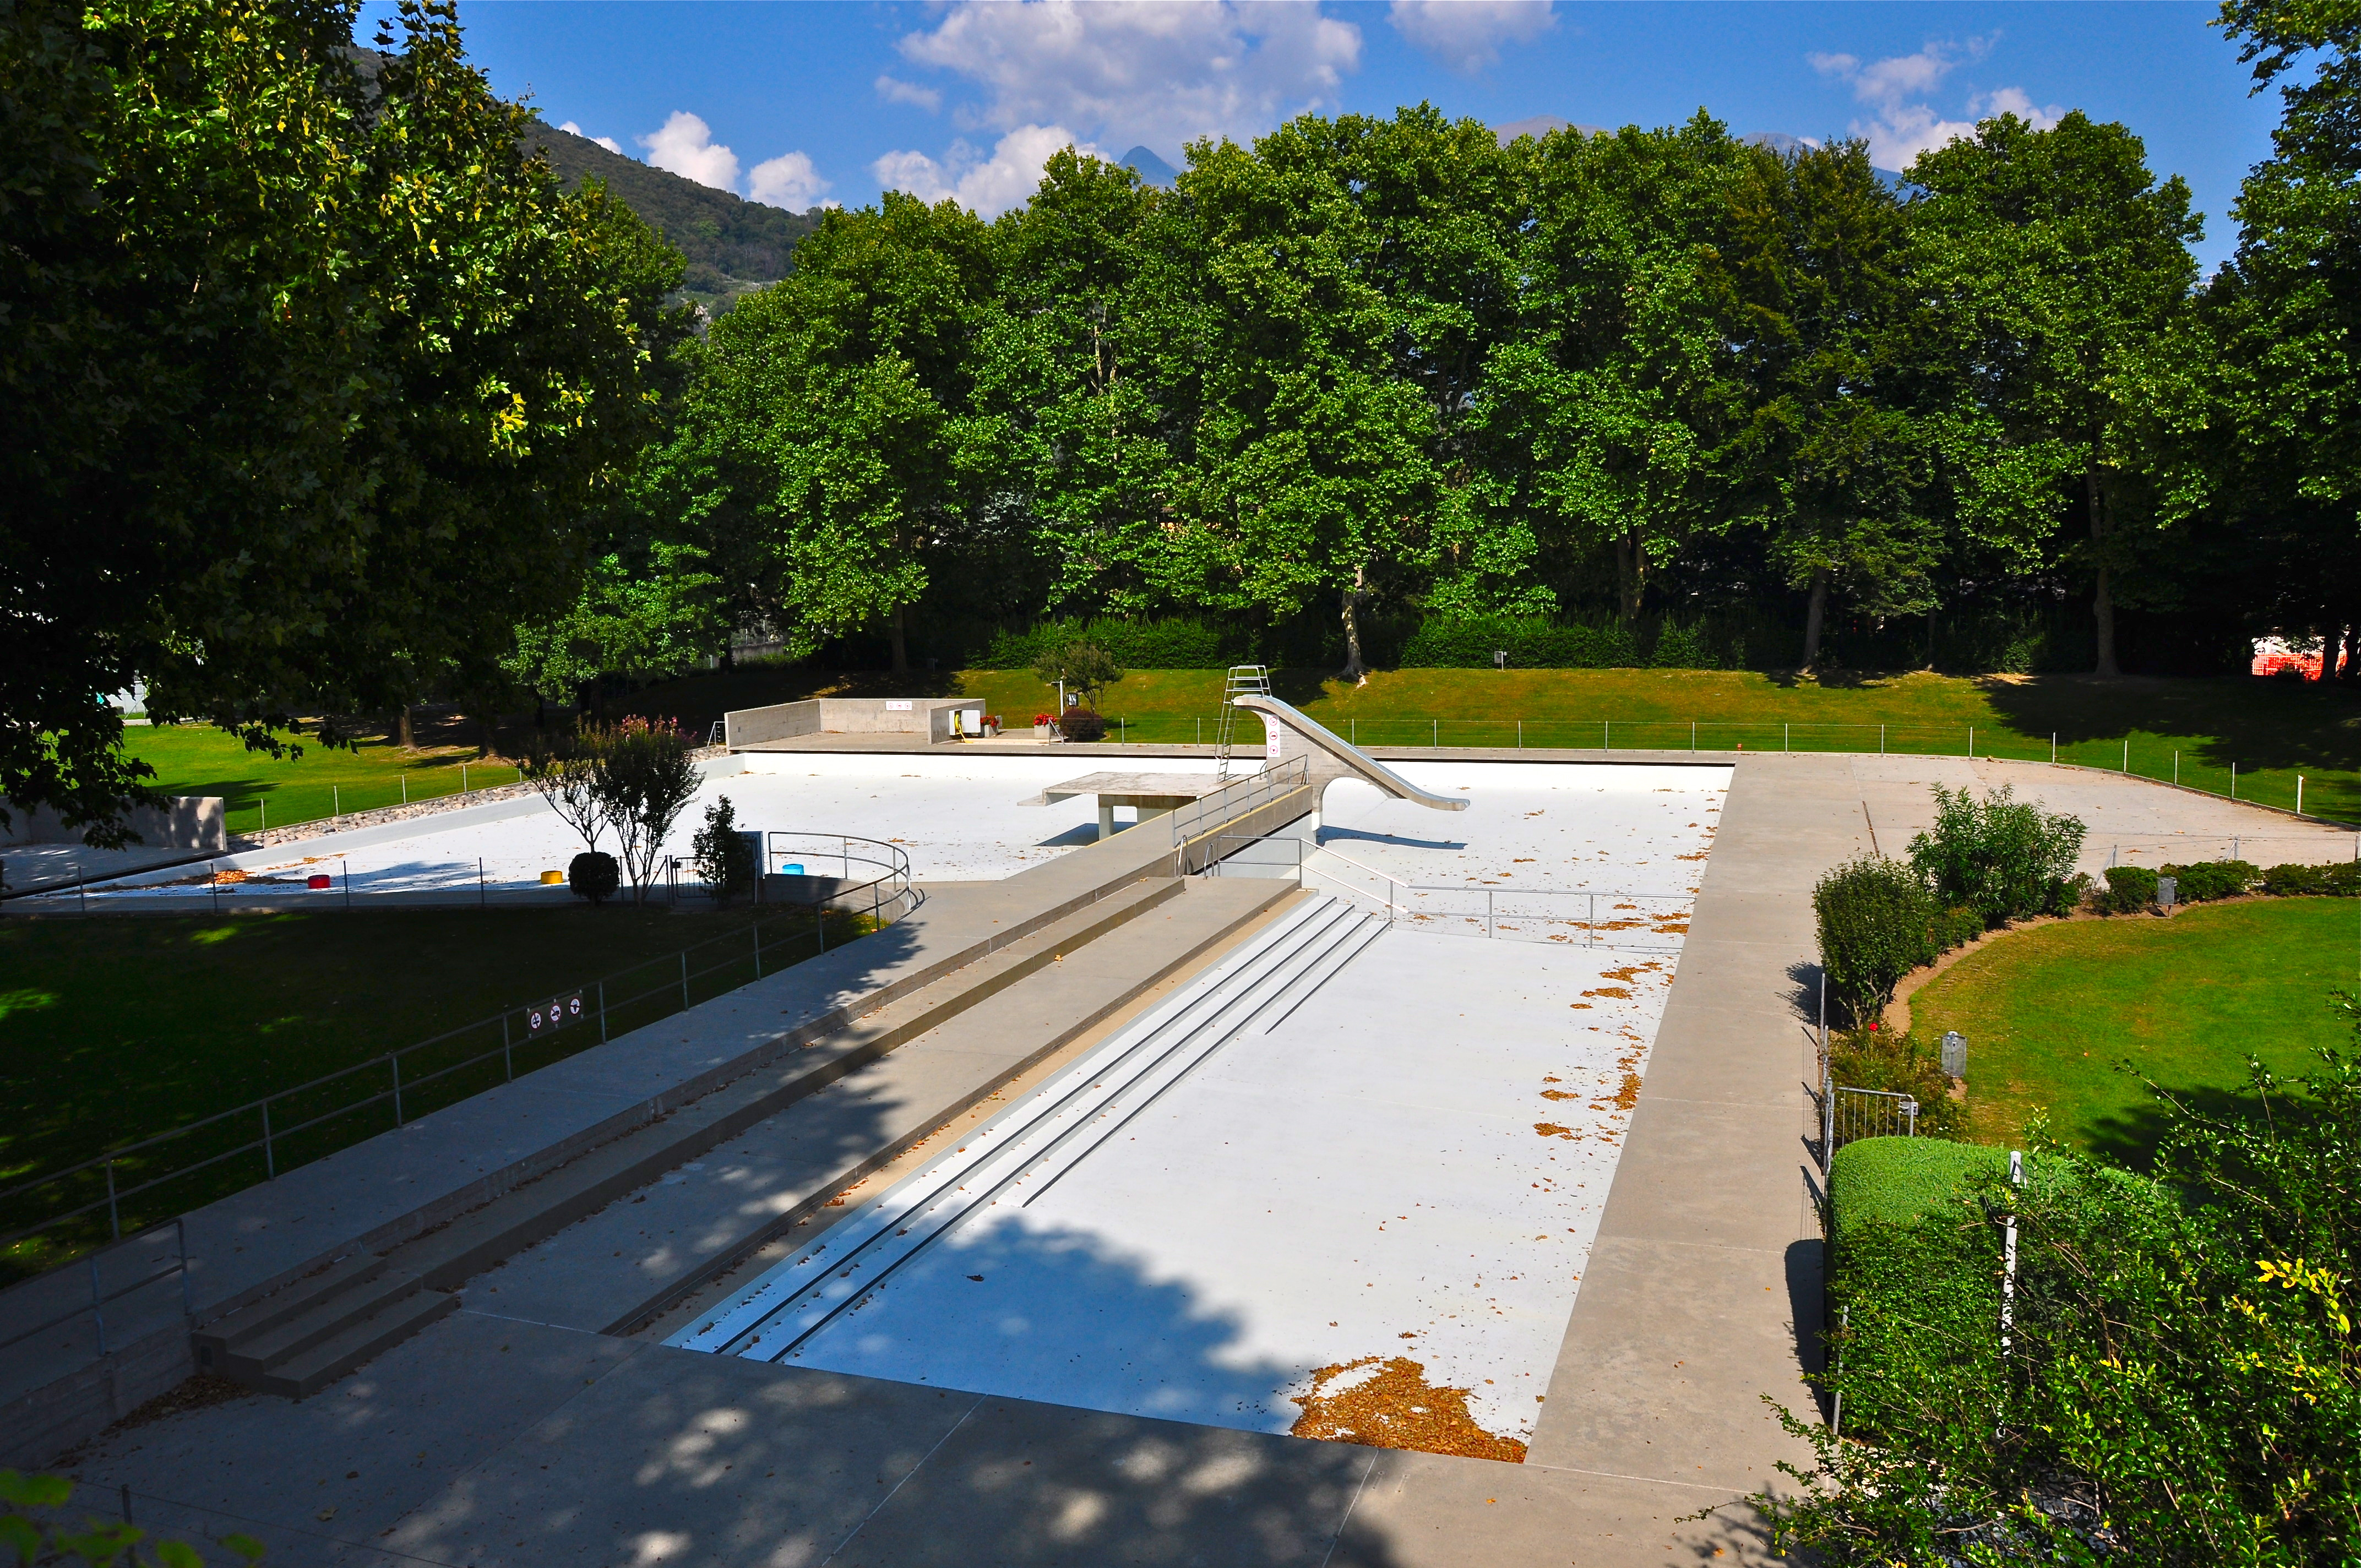 Vasca Da Bagno Wikipedia : Datei:bagno pubblico bellinzona .jpg u2013 wikipedia